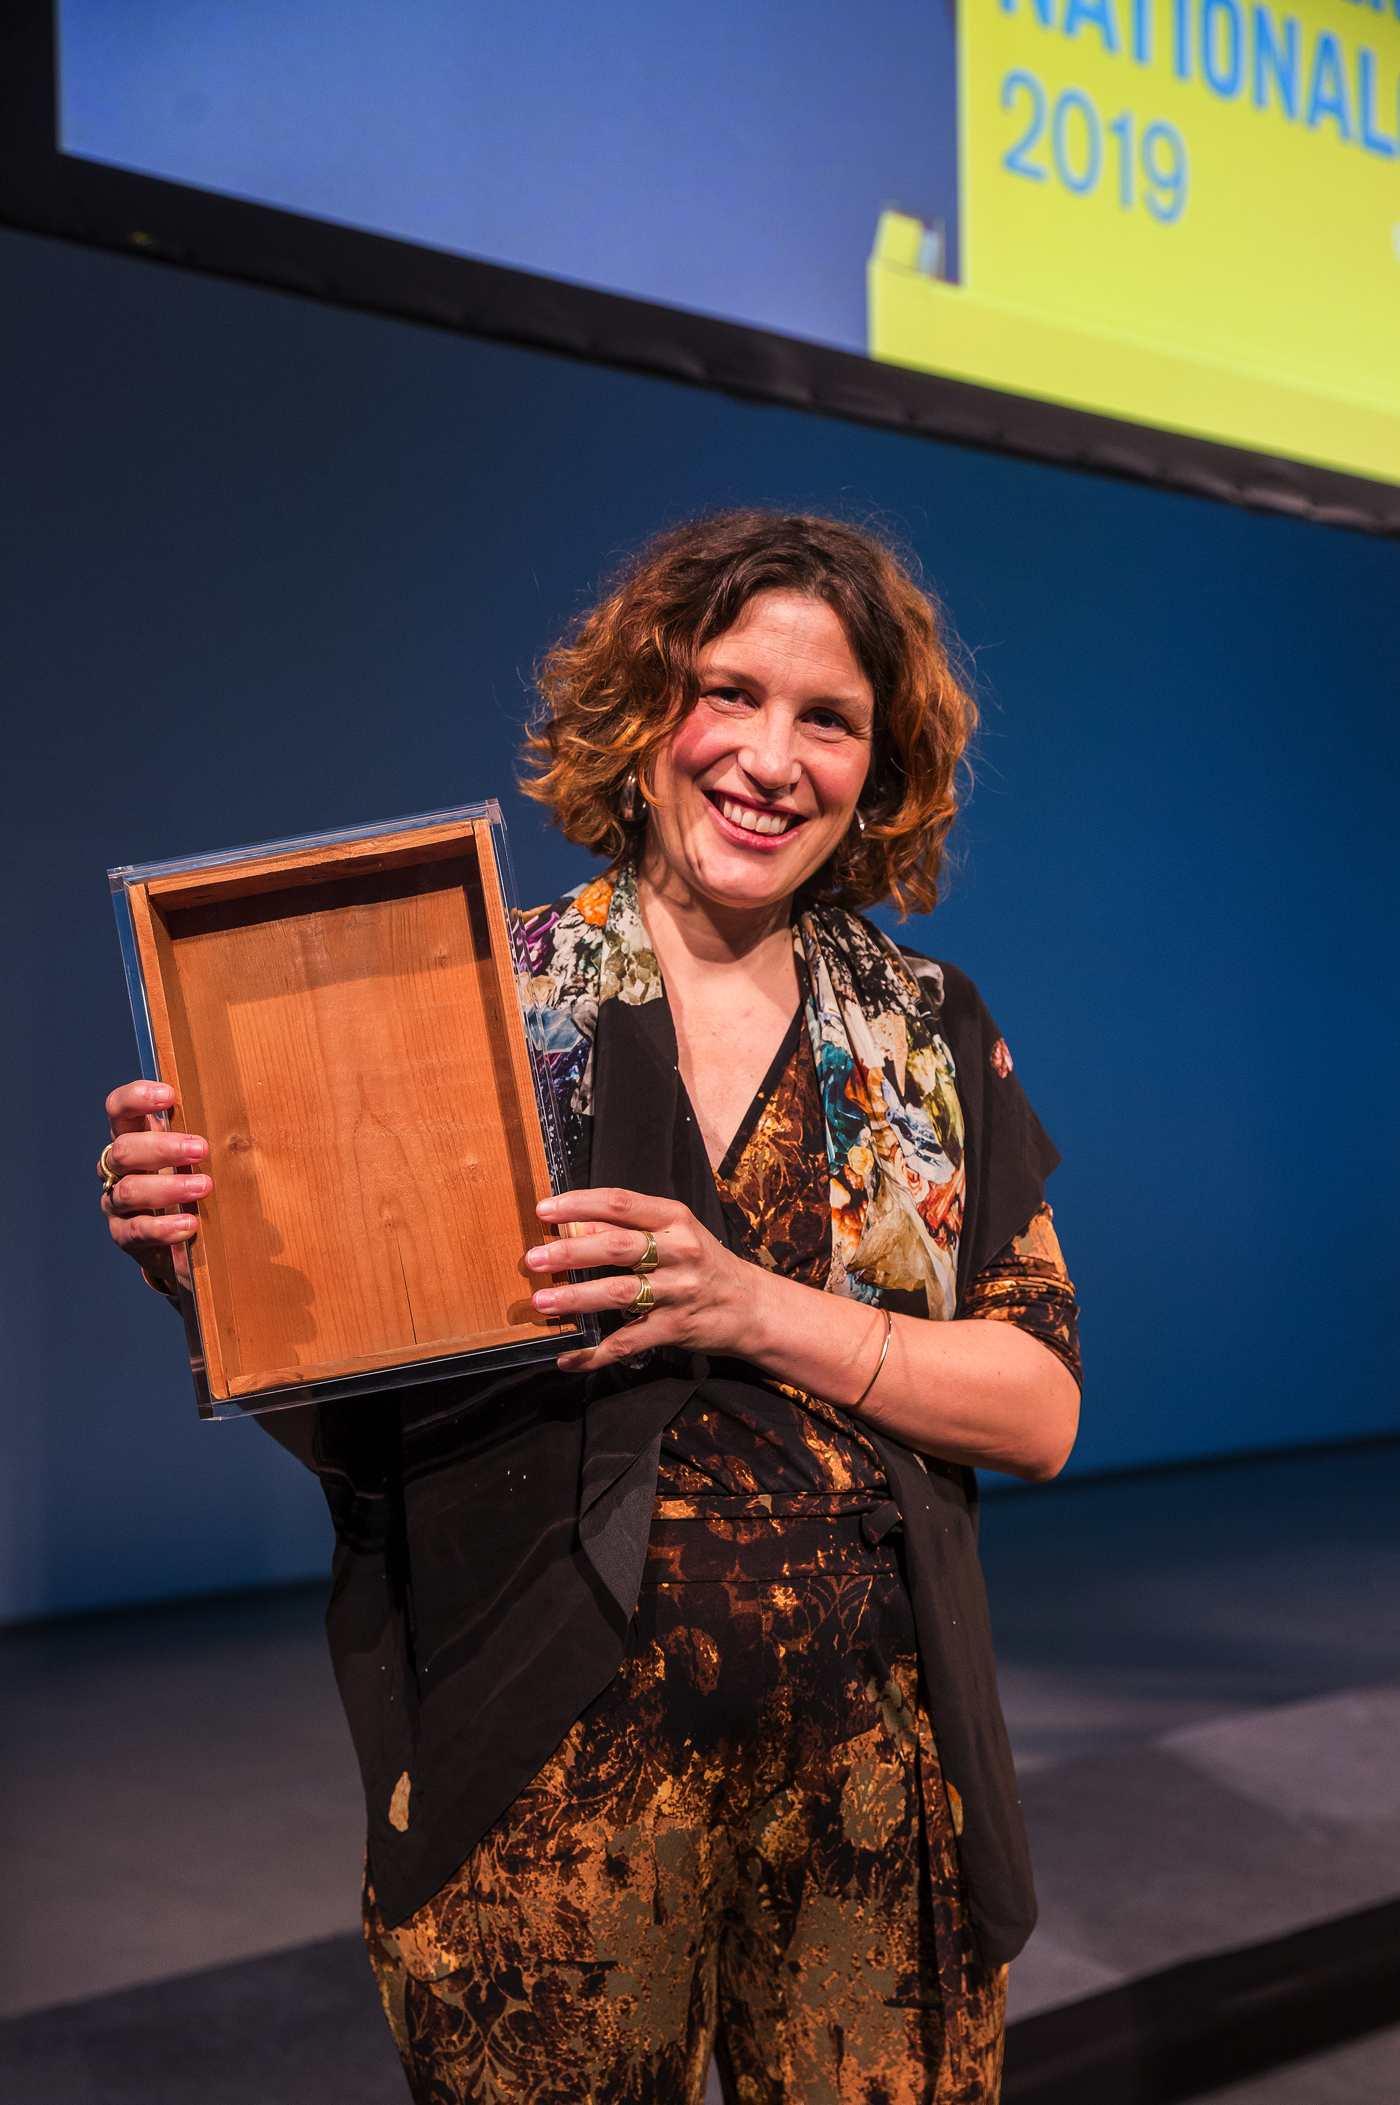 Pauline Curnier Jardin, Gewinnerin des Preis der Nationalgalerie 2019